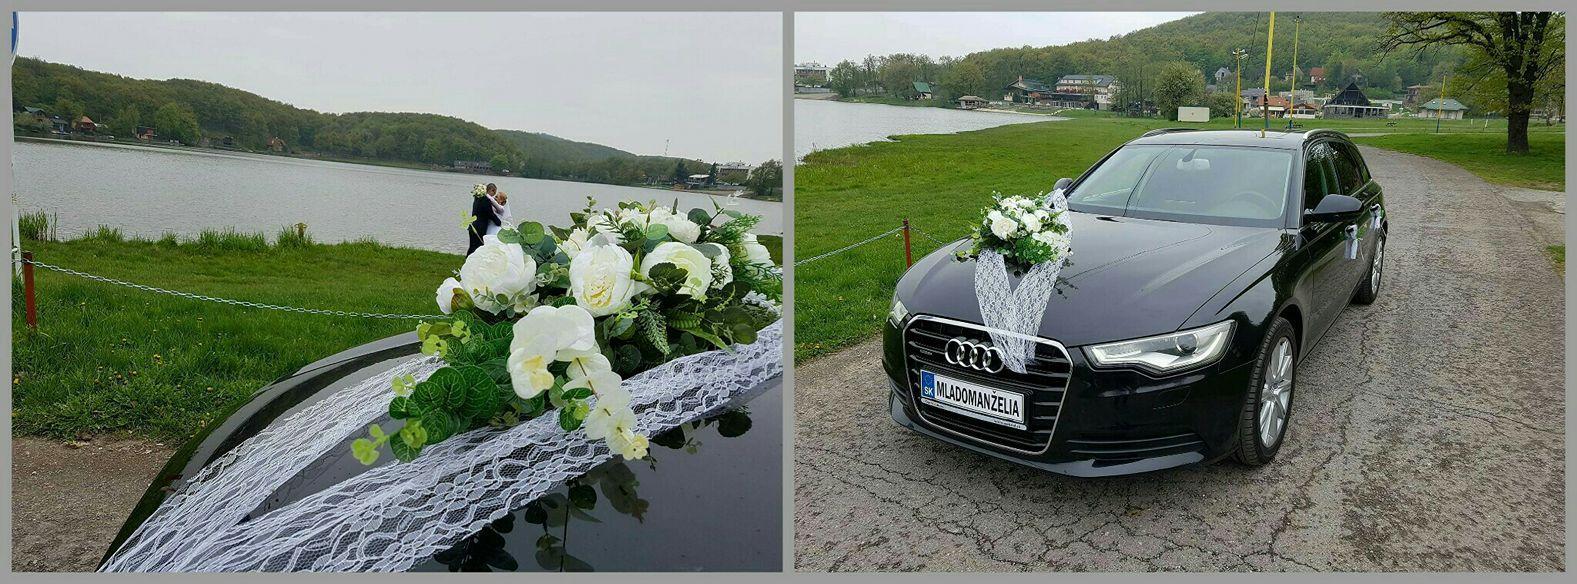 Prenájom svadobného auta  - Obrázok č. 2